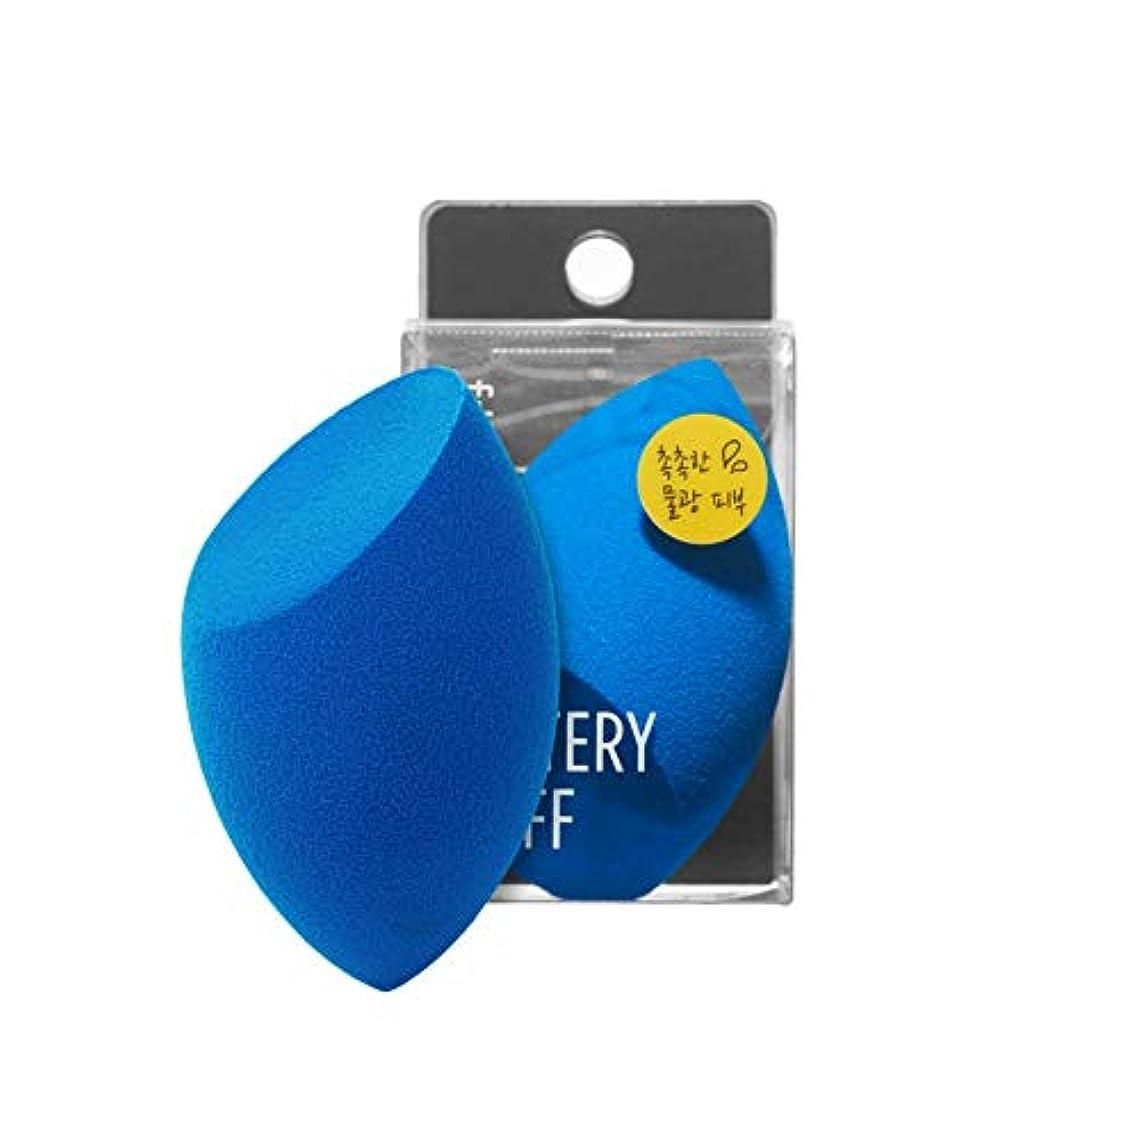 圧倒的ストッキングノートfillimilli Make-up Sponge Watery Puff しっとりパフ (チョクチョクパフ) 4個 (Olive Young) [並行輸入品]